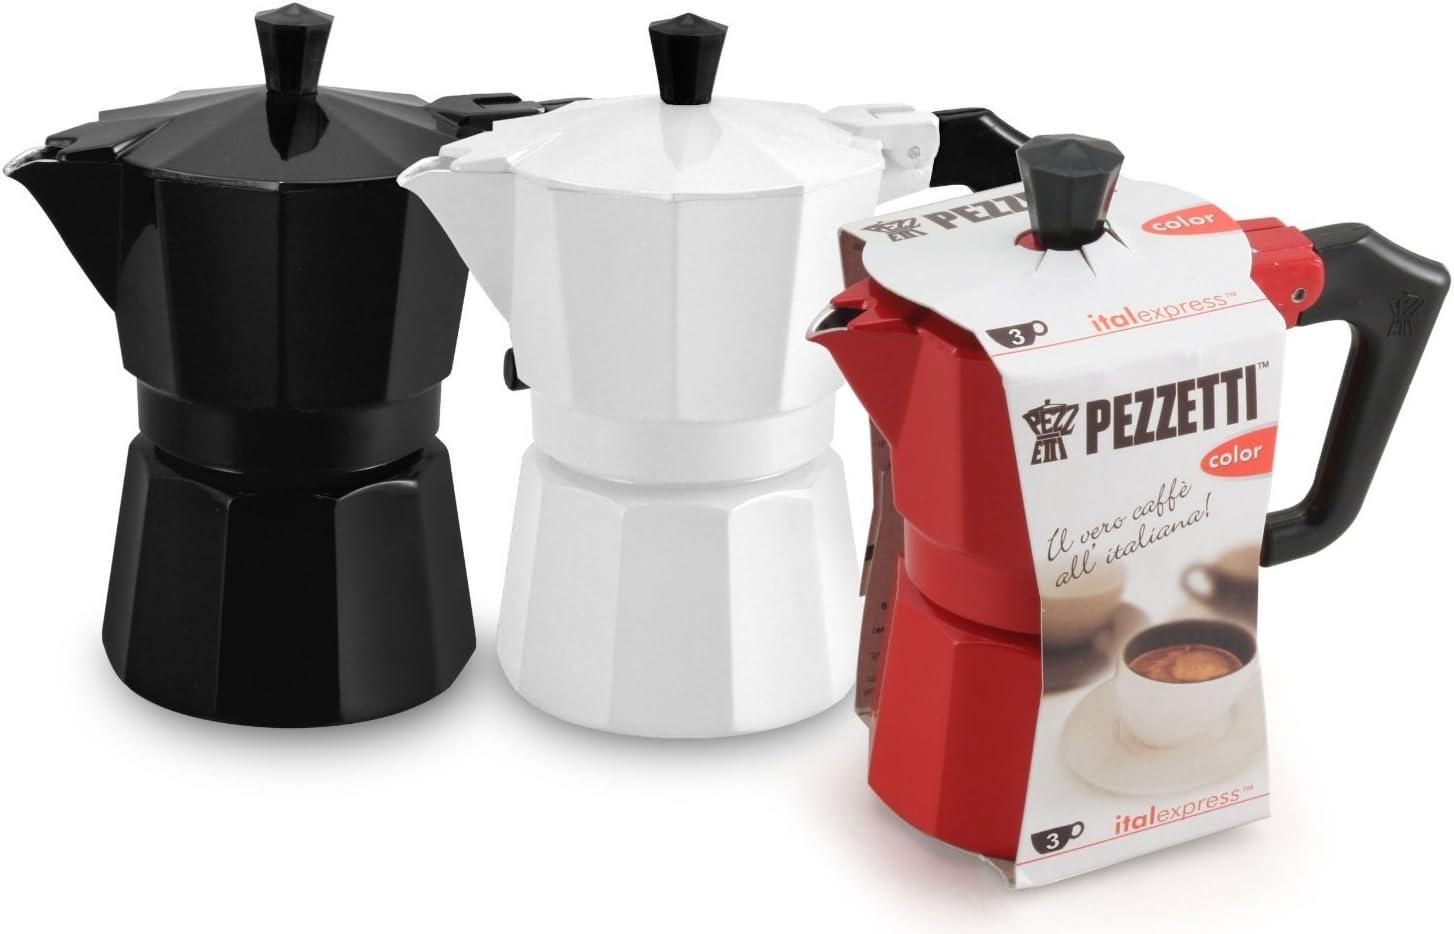 6 CUP Pezzetti Black MOKA Espresso Coffee Maker Induction Percolator Perculator